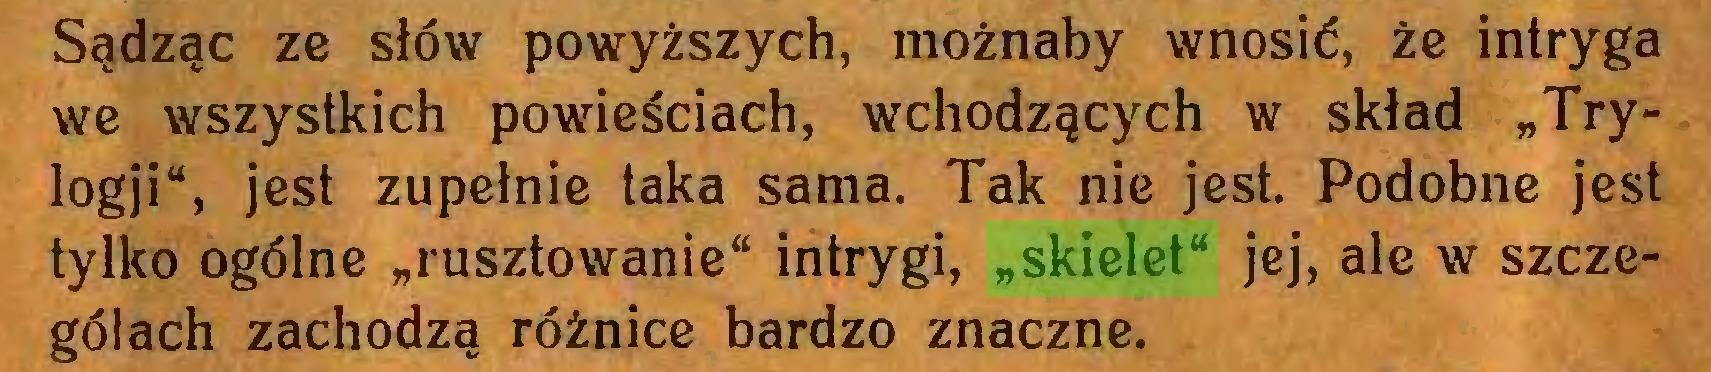 """(...) Sądząc ze słów powyższych, możnaby wnosić, że intryga we wszystkich powieściach, wchodzących w skład """"Trylogji"""", jest zupełnie taka sama. Tak nie jest. Podobne jest tylko ogólne """"rusztowanie"""" intrygi, """"skielet"""" jej, ale w szczegółach zachodzą różnice bardzo znaczne..."""